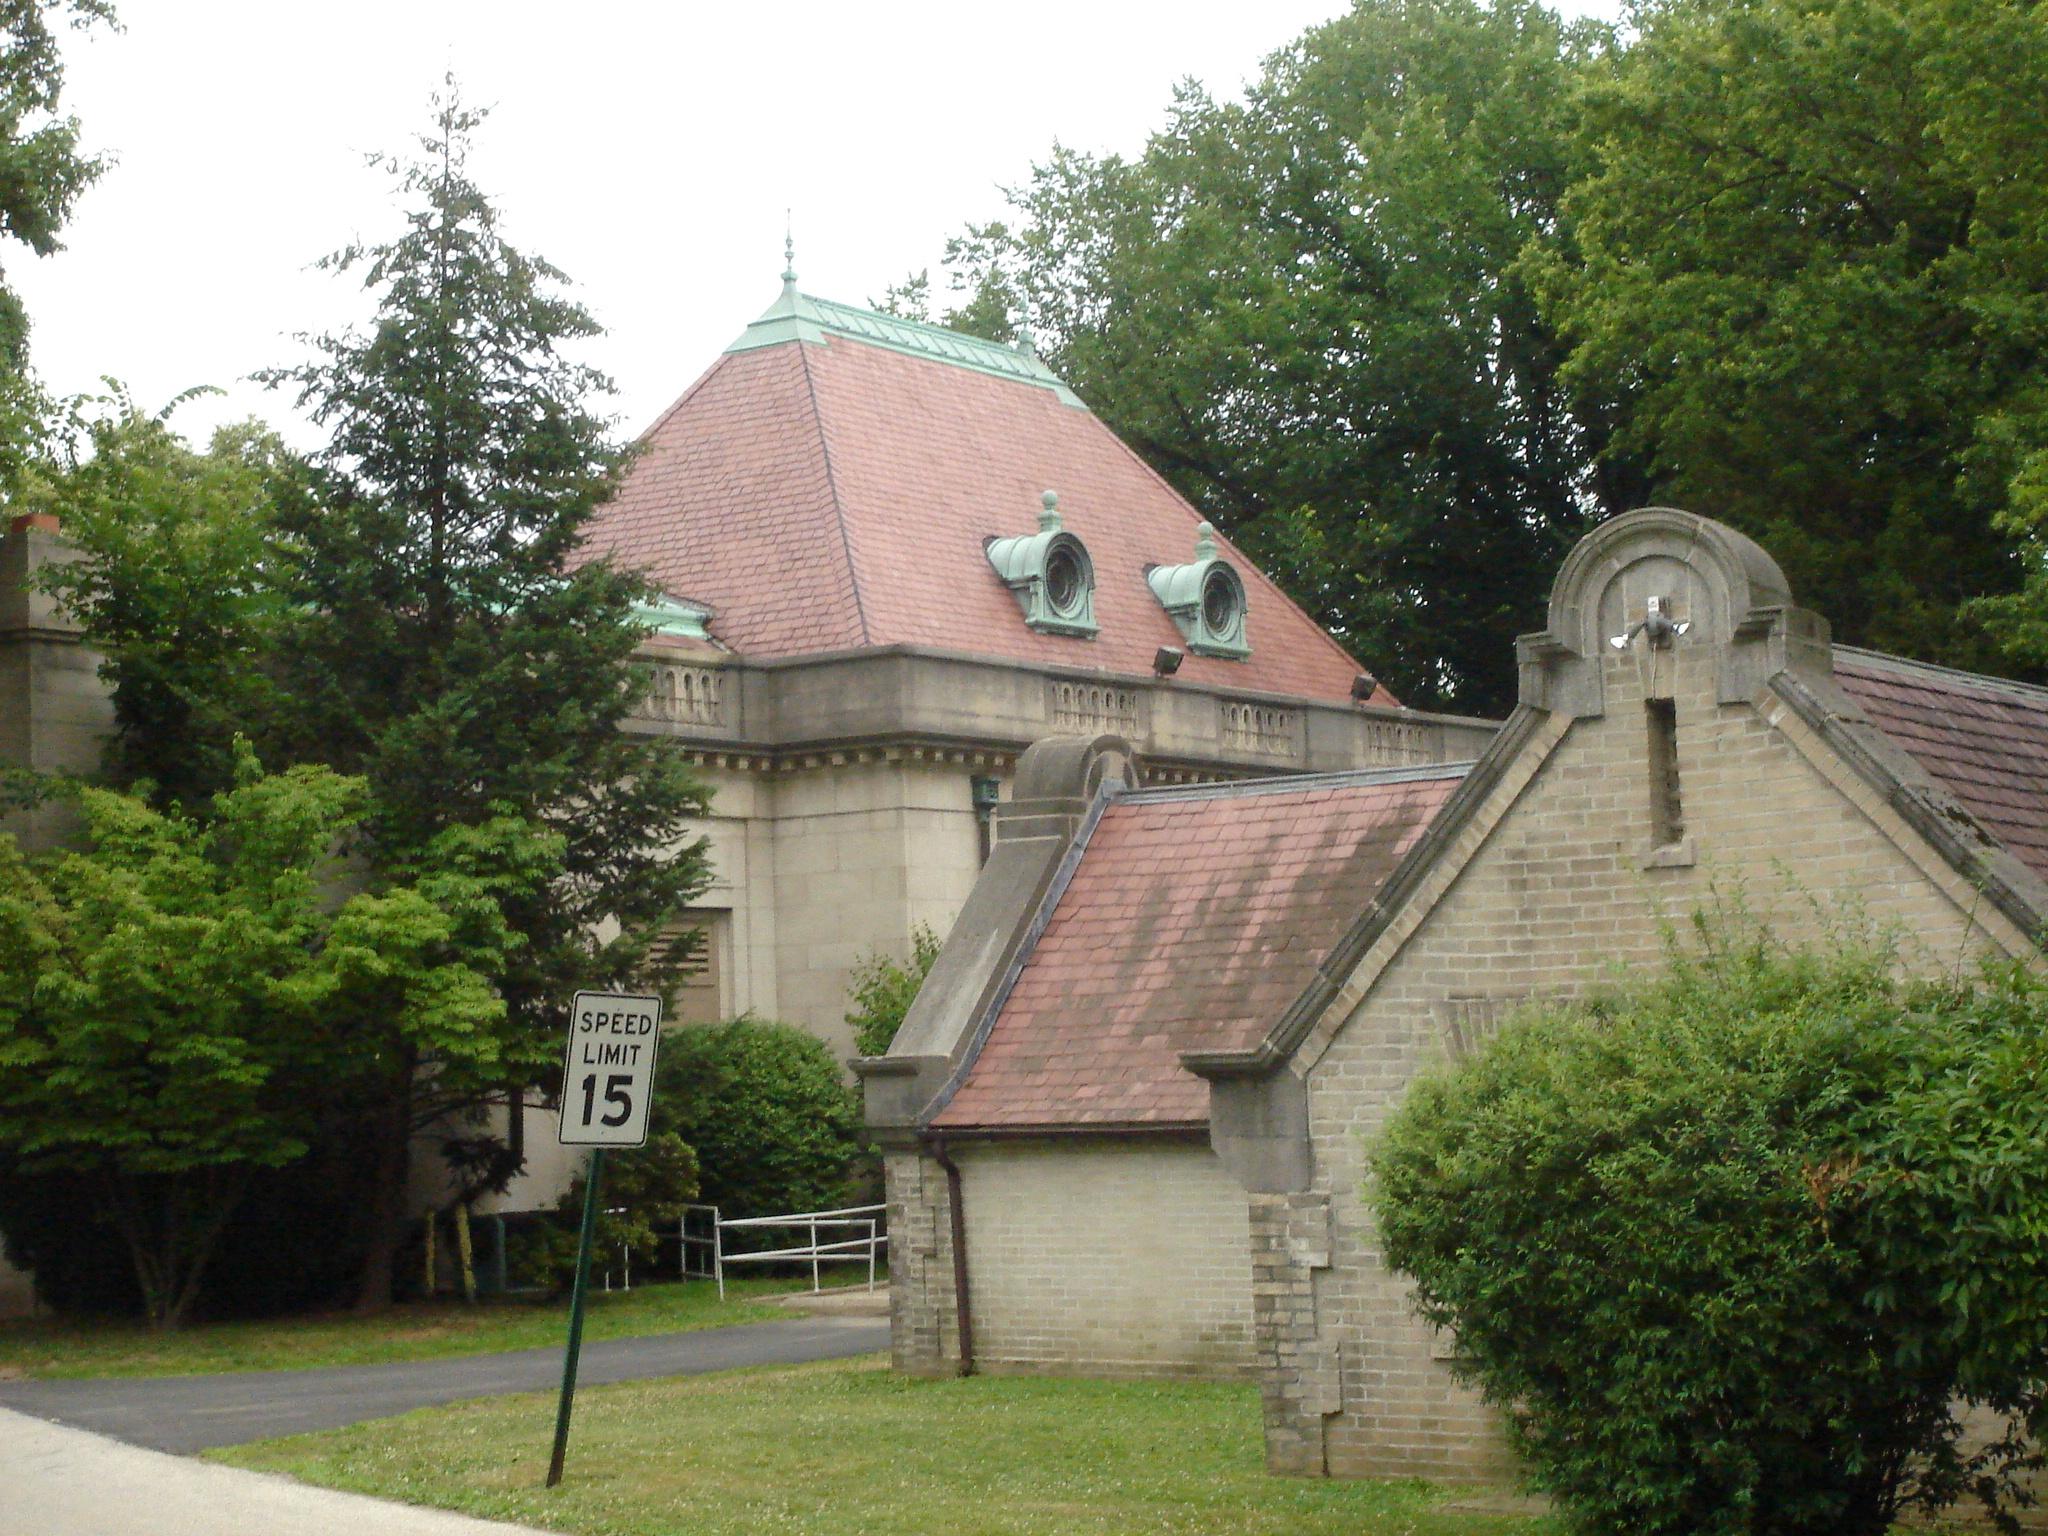 Plan a visit  The Morton Arboretum